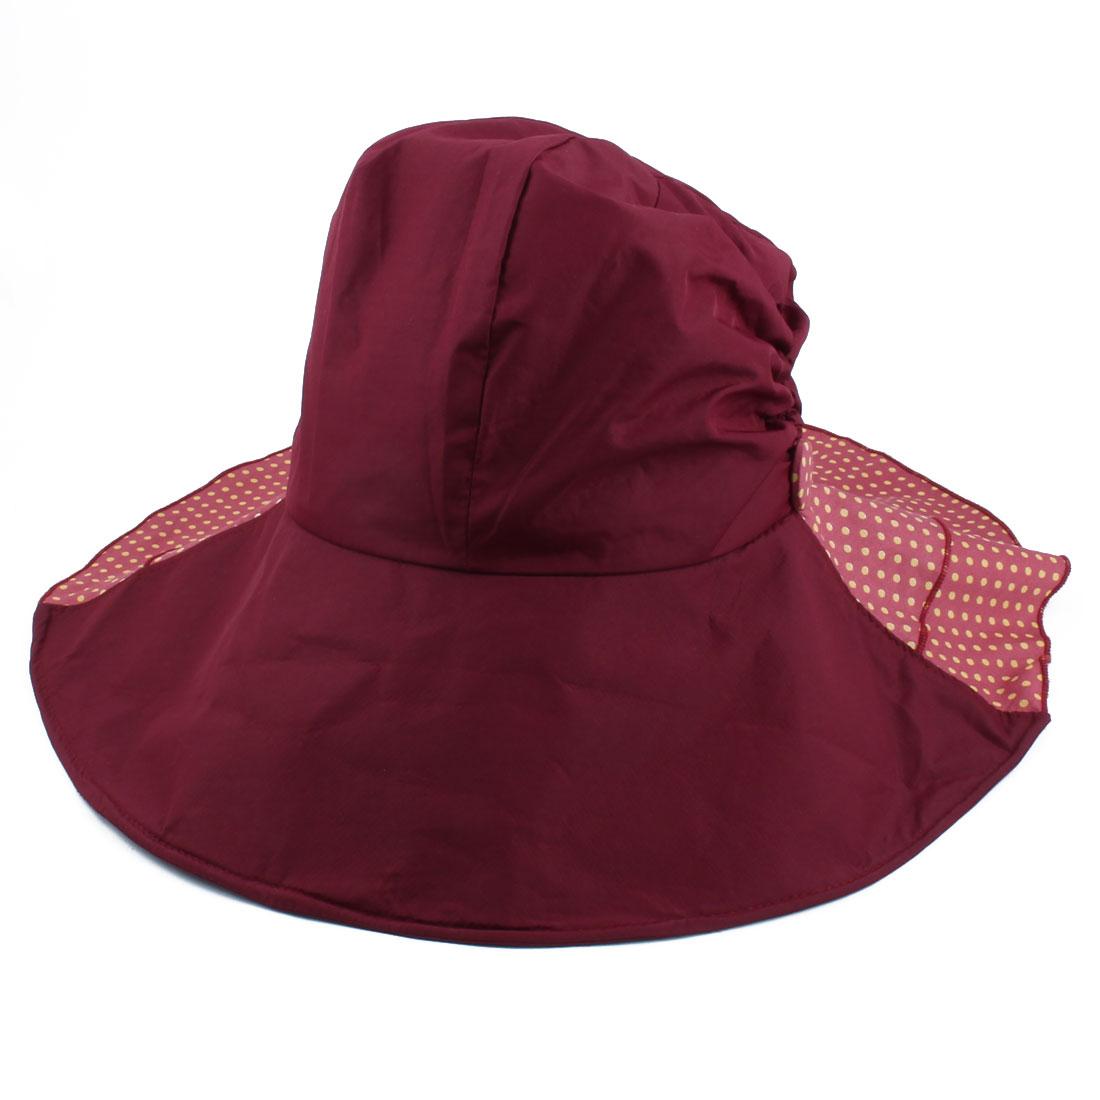 Woman Outdoor Travel Cotton Blends Dots Pattern Floppy Beach Cap Sun Visor Hat Burgundy